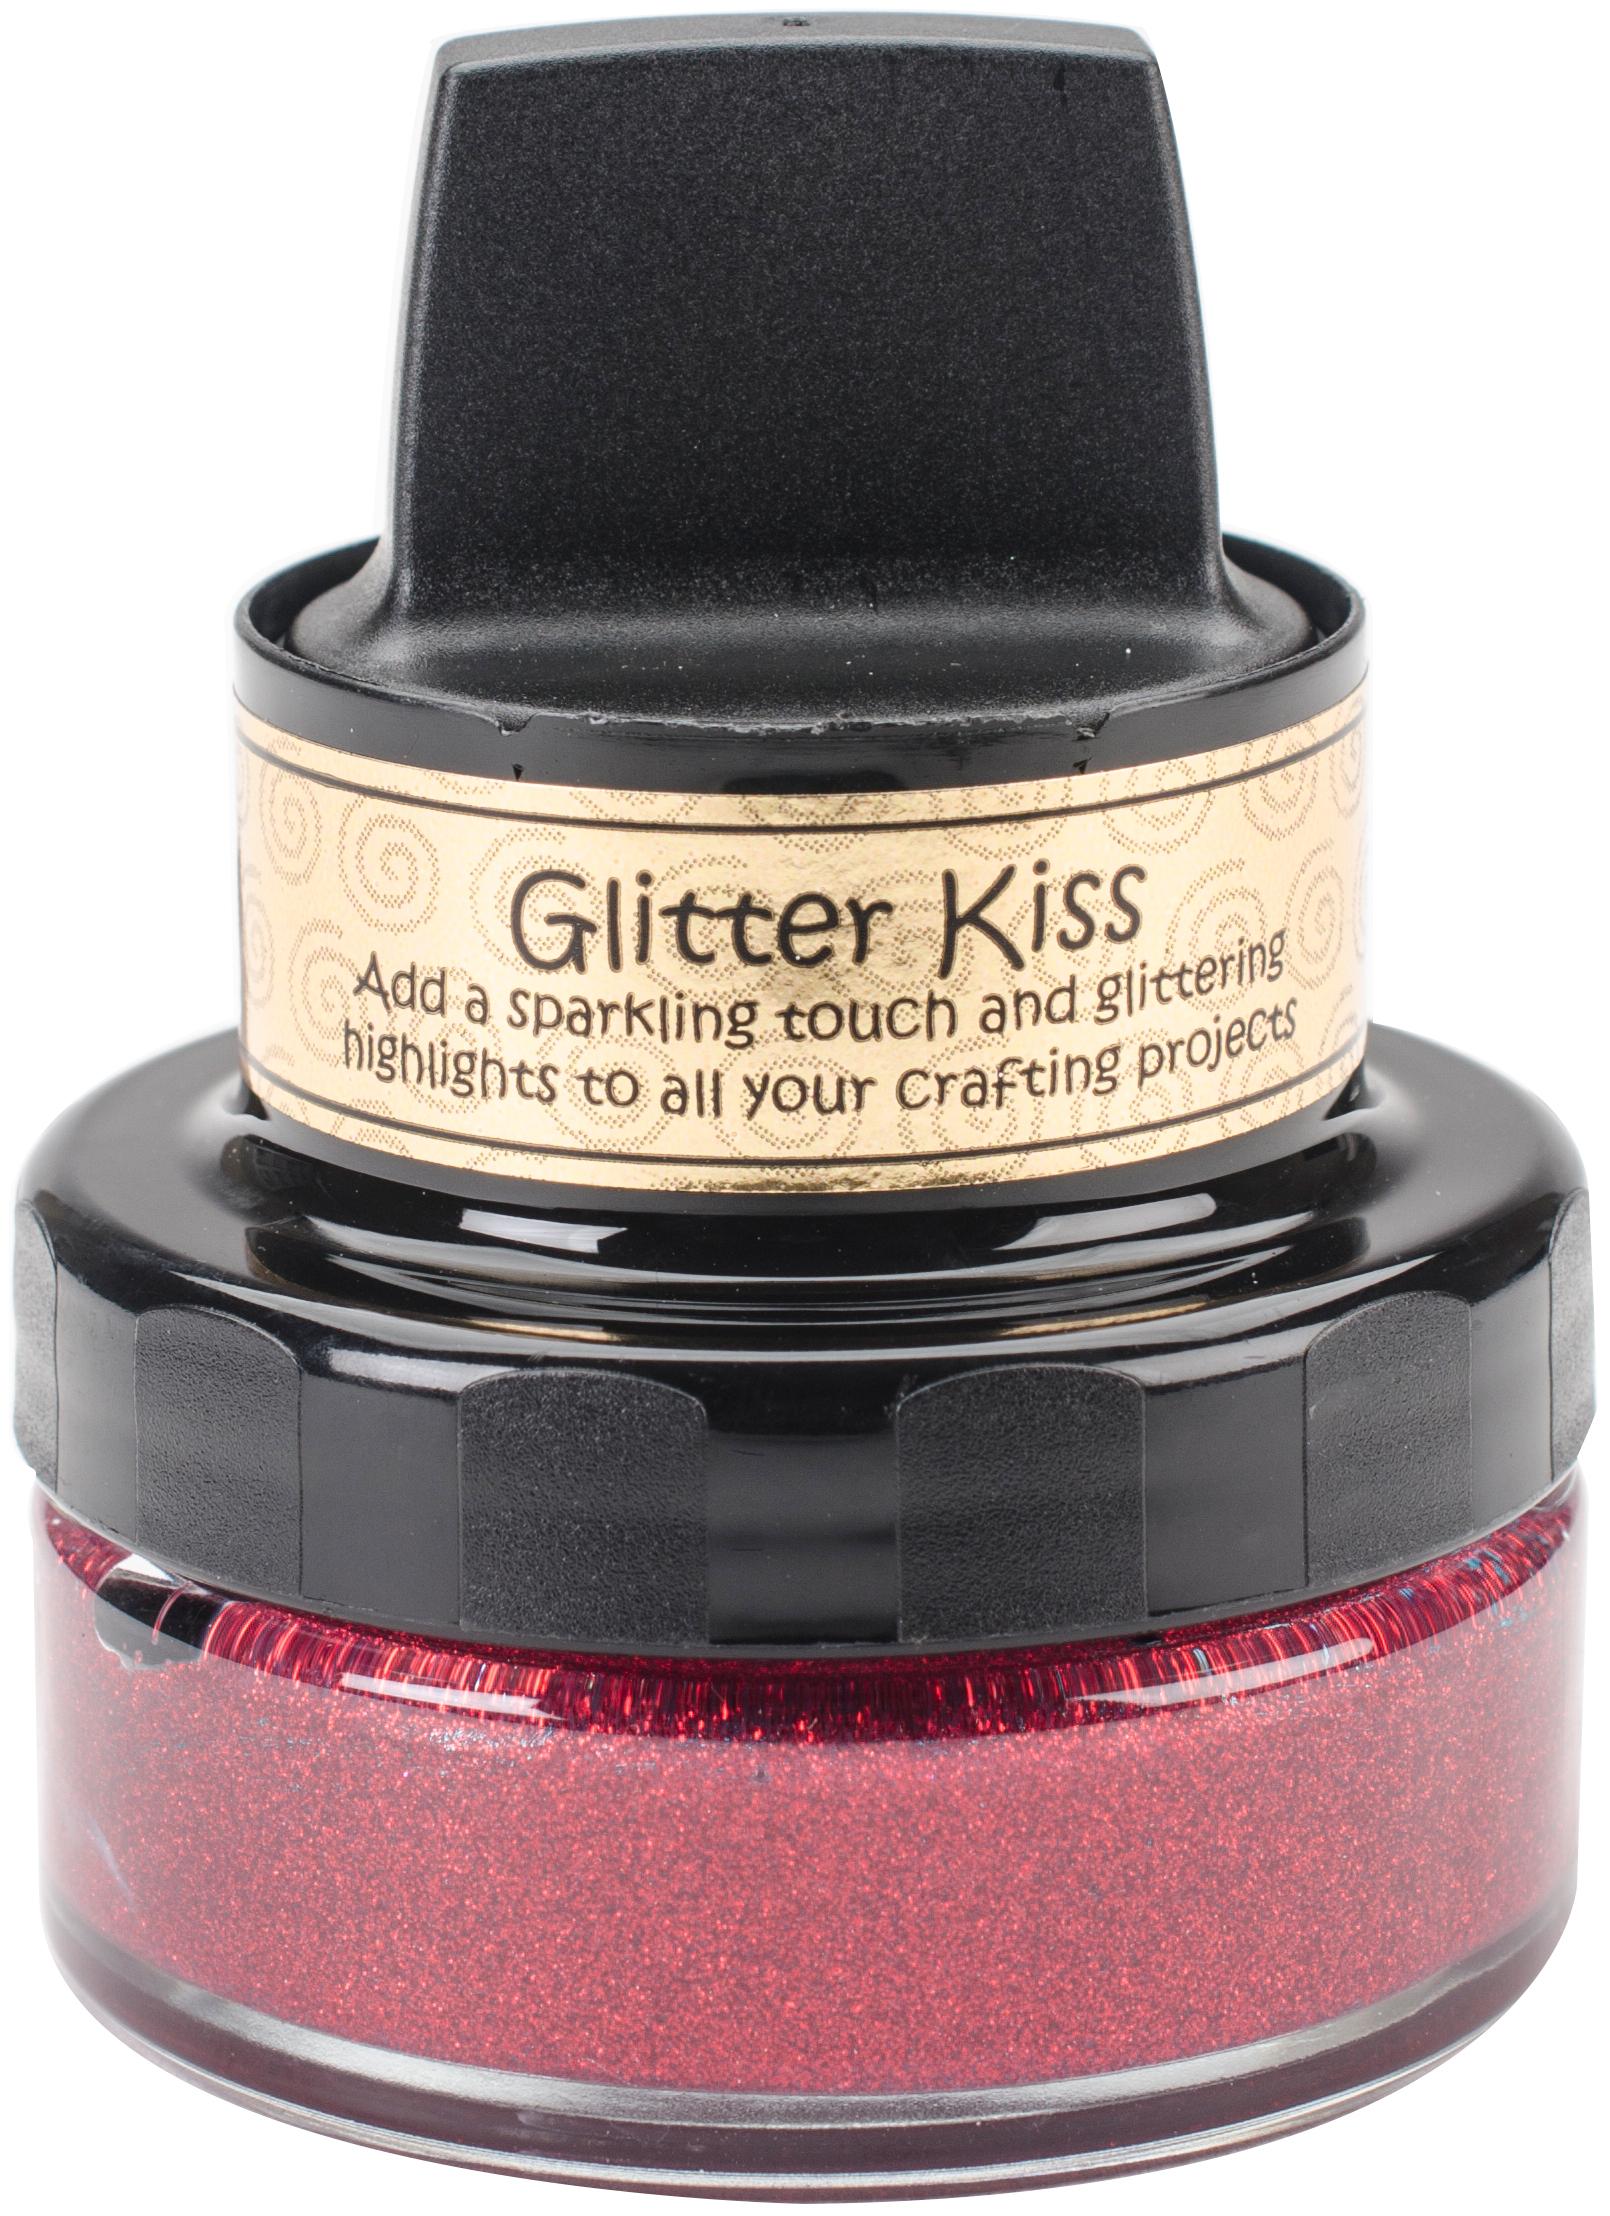 Glitterkiss fire red kiss